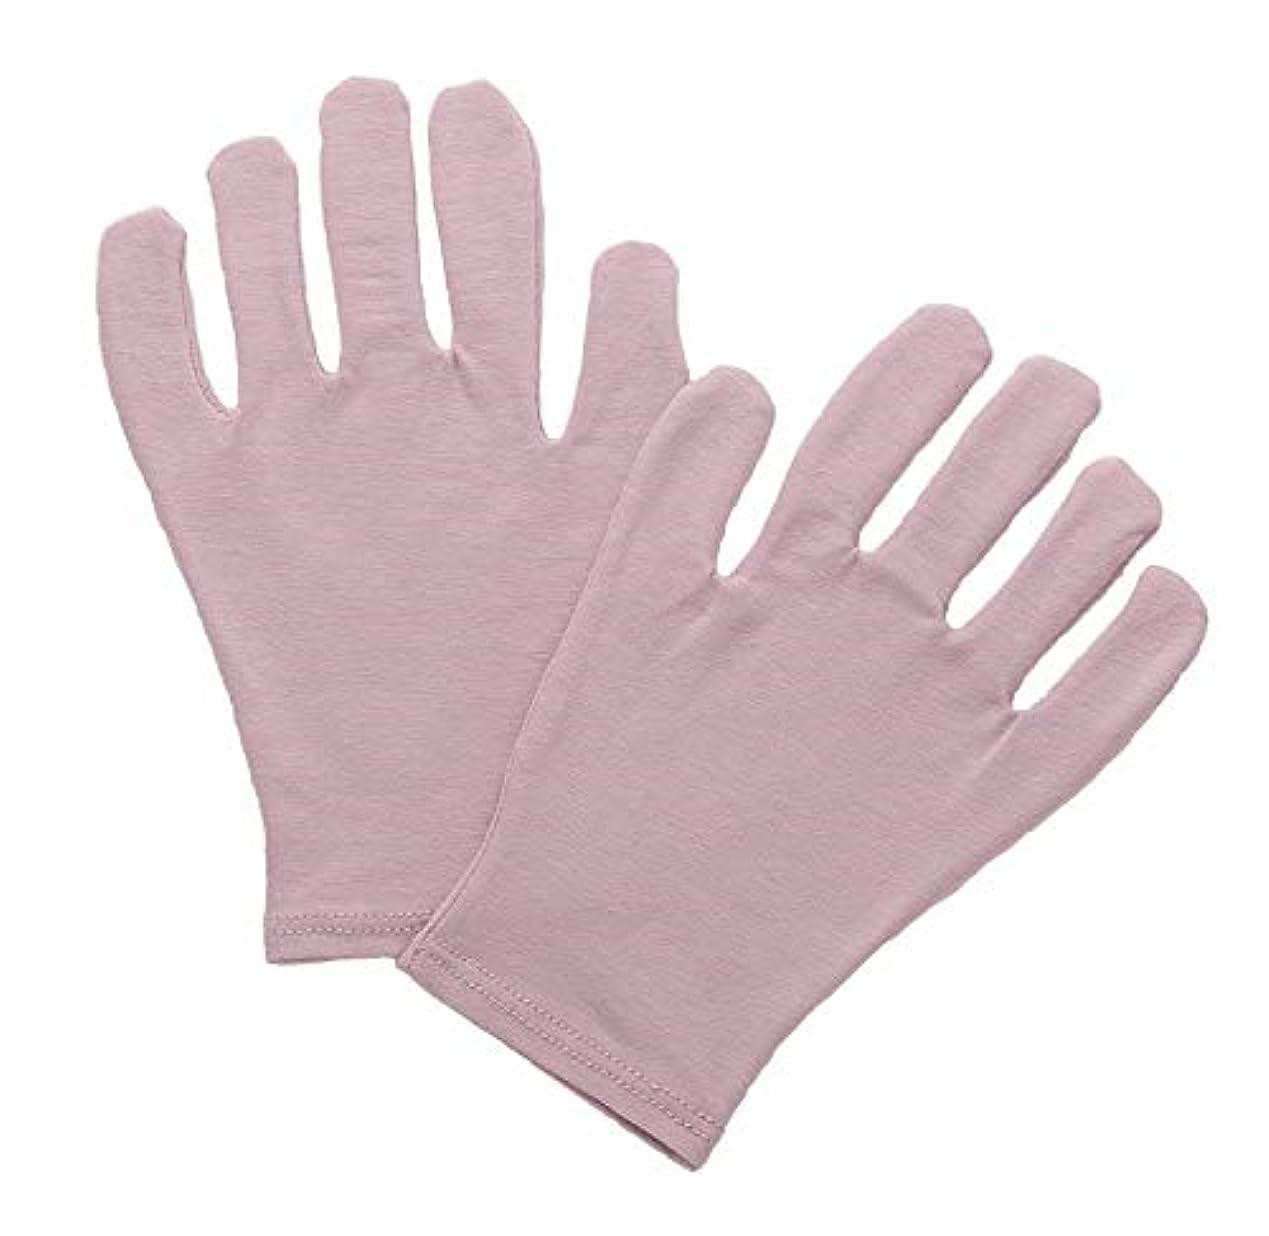 プロポーショナル論理的スクラッチ椿オイル配合 スキンケア おやすみ手袋 在庫処分 お買い得品